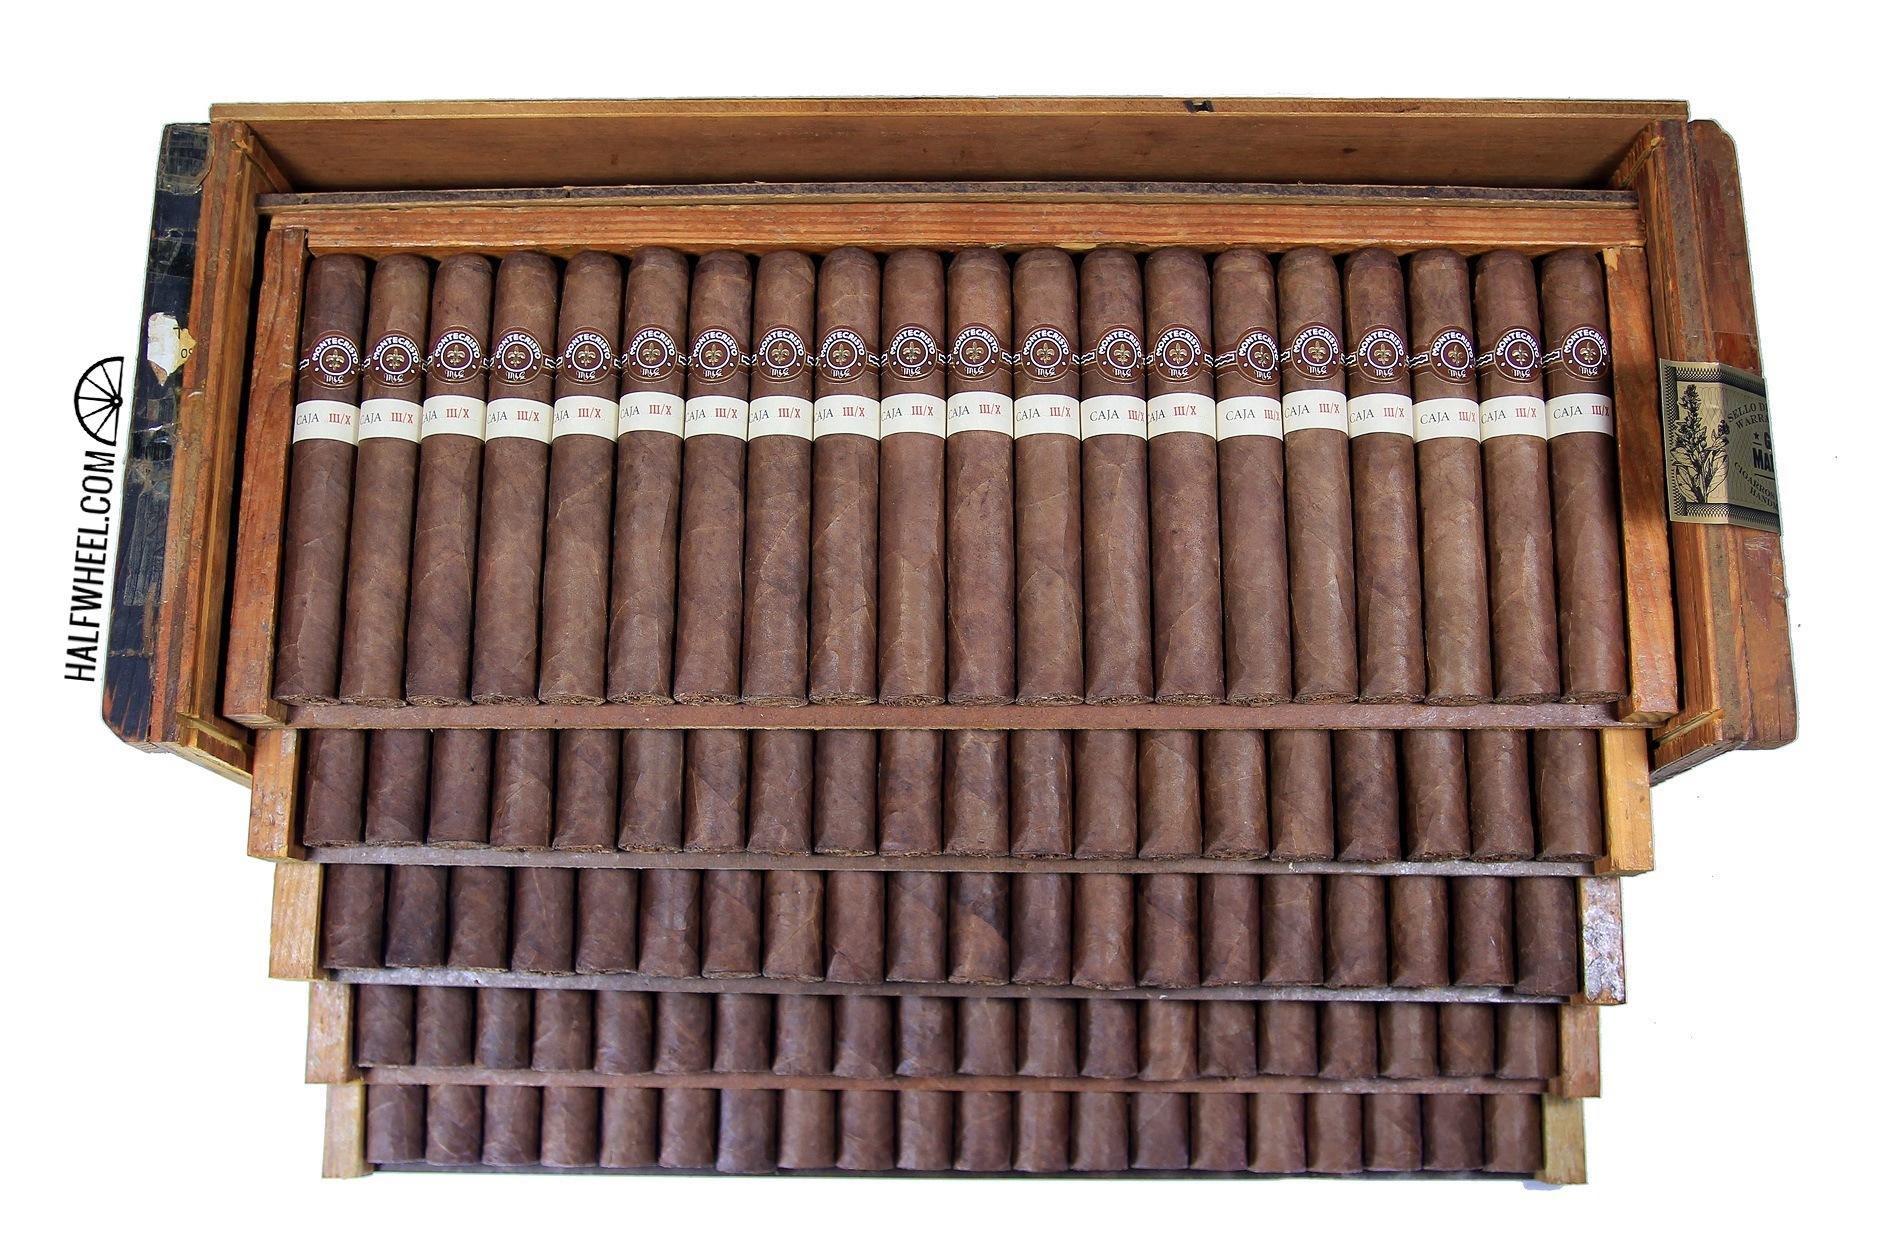 Montecristo Grupo de Maestros Private Batch Box 2